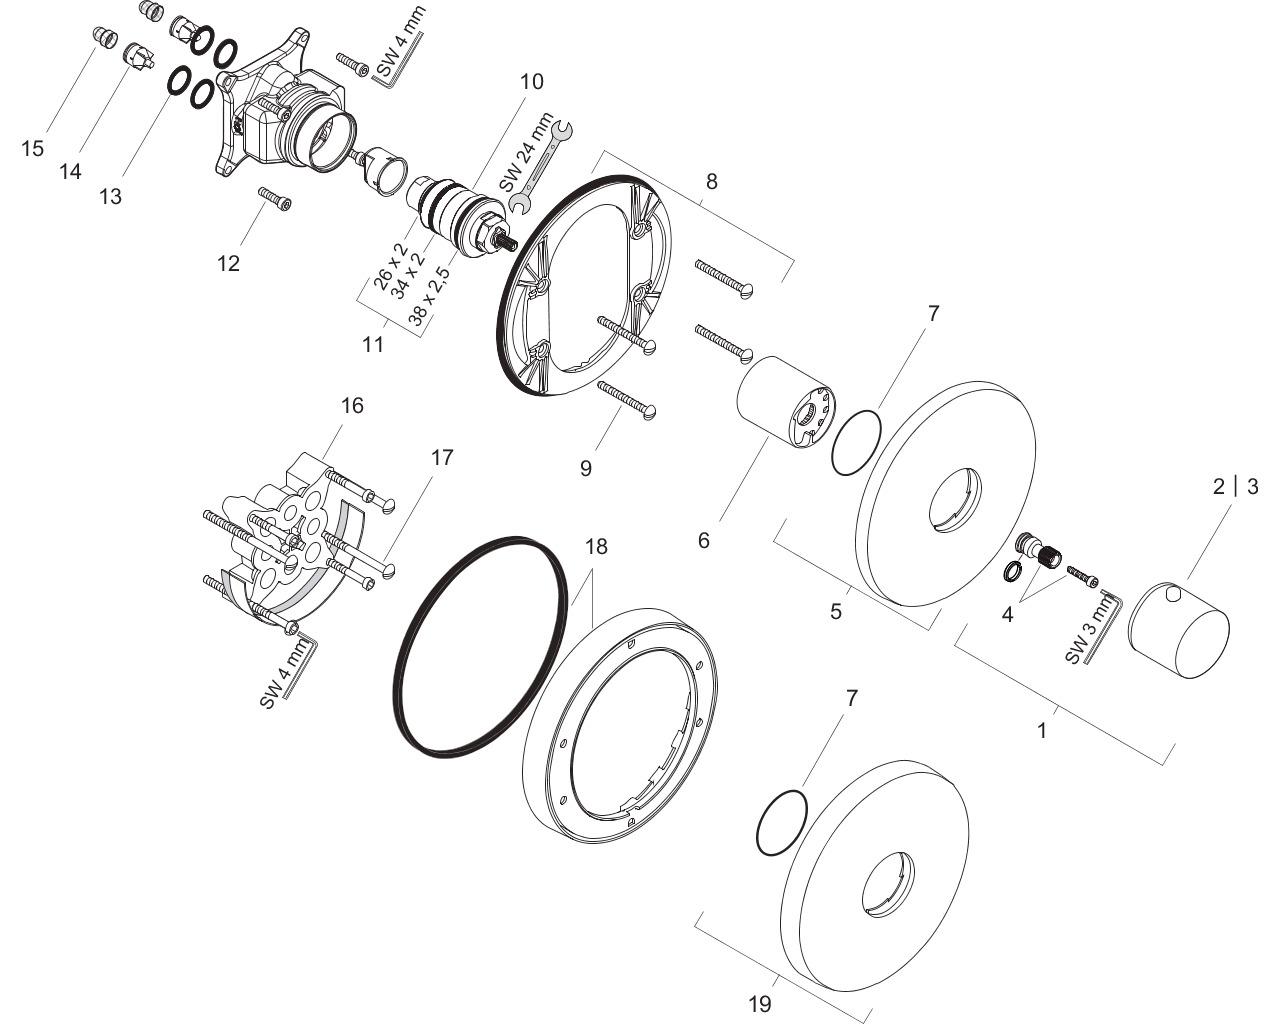 HG Thermostatmischer Unterputz Axor